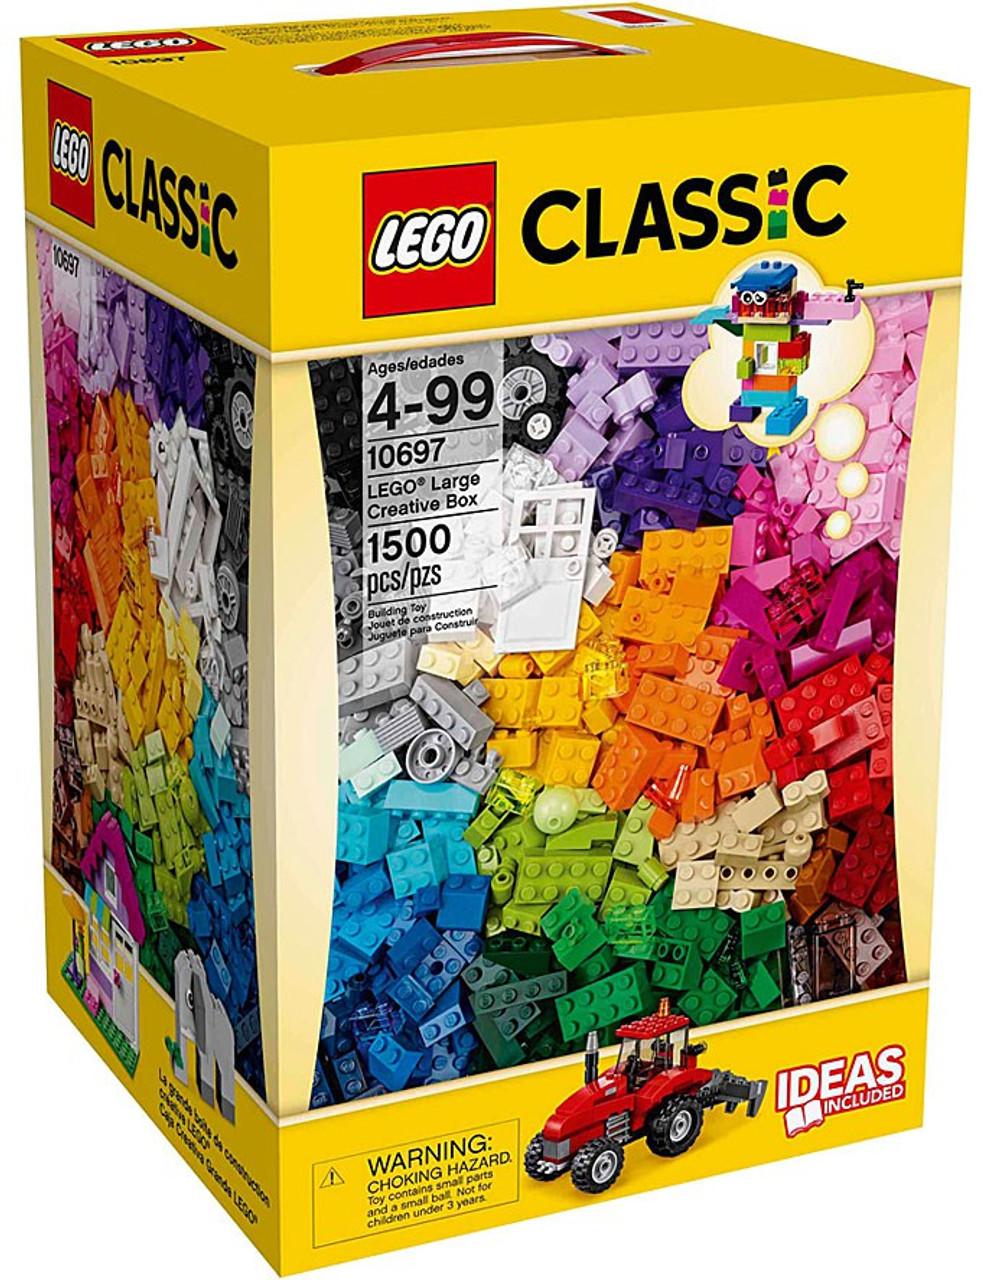 Lego Classic Sets